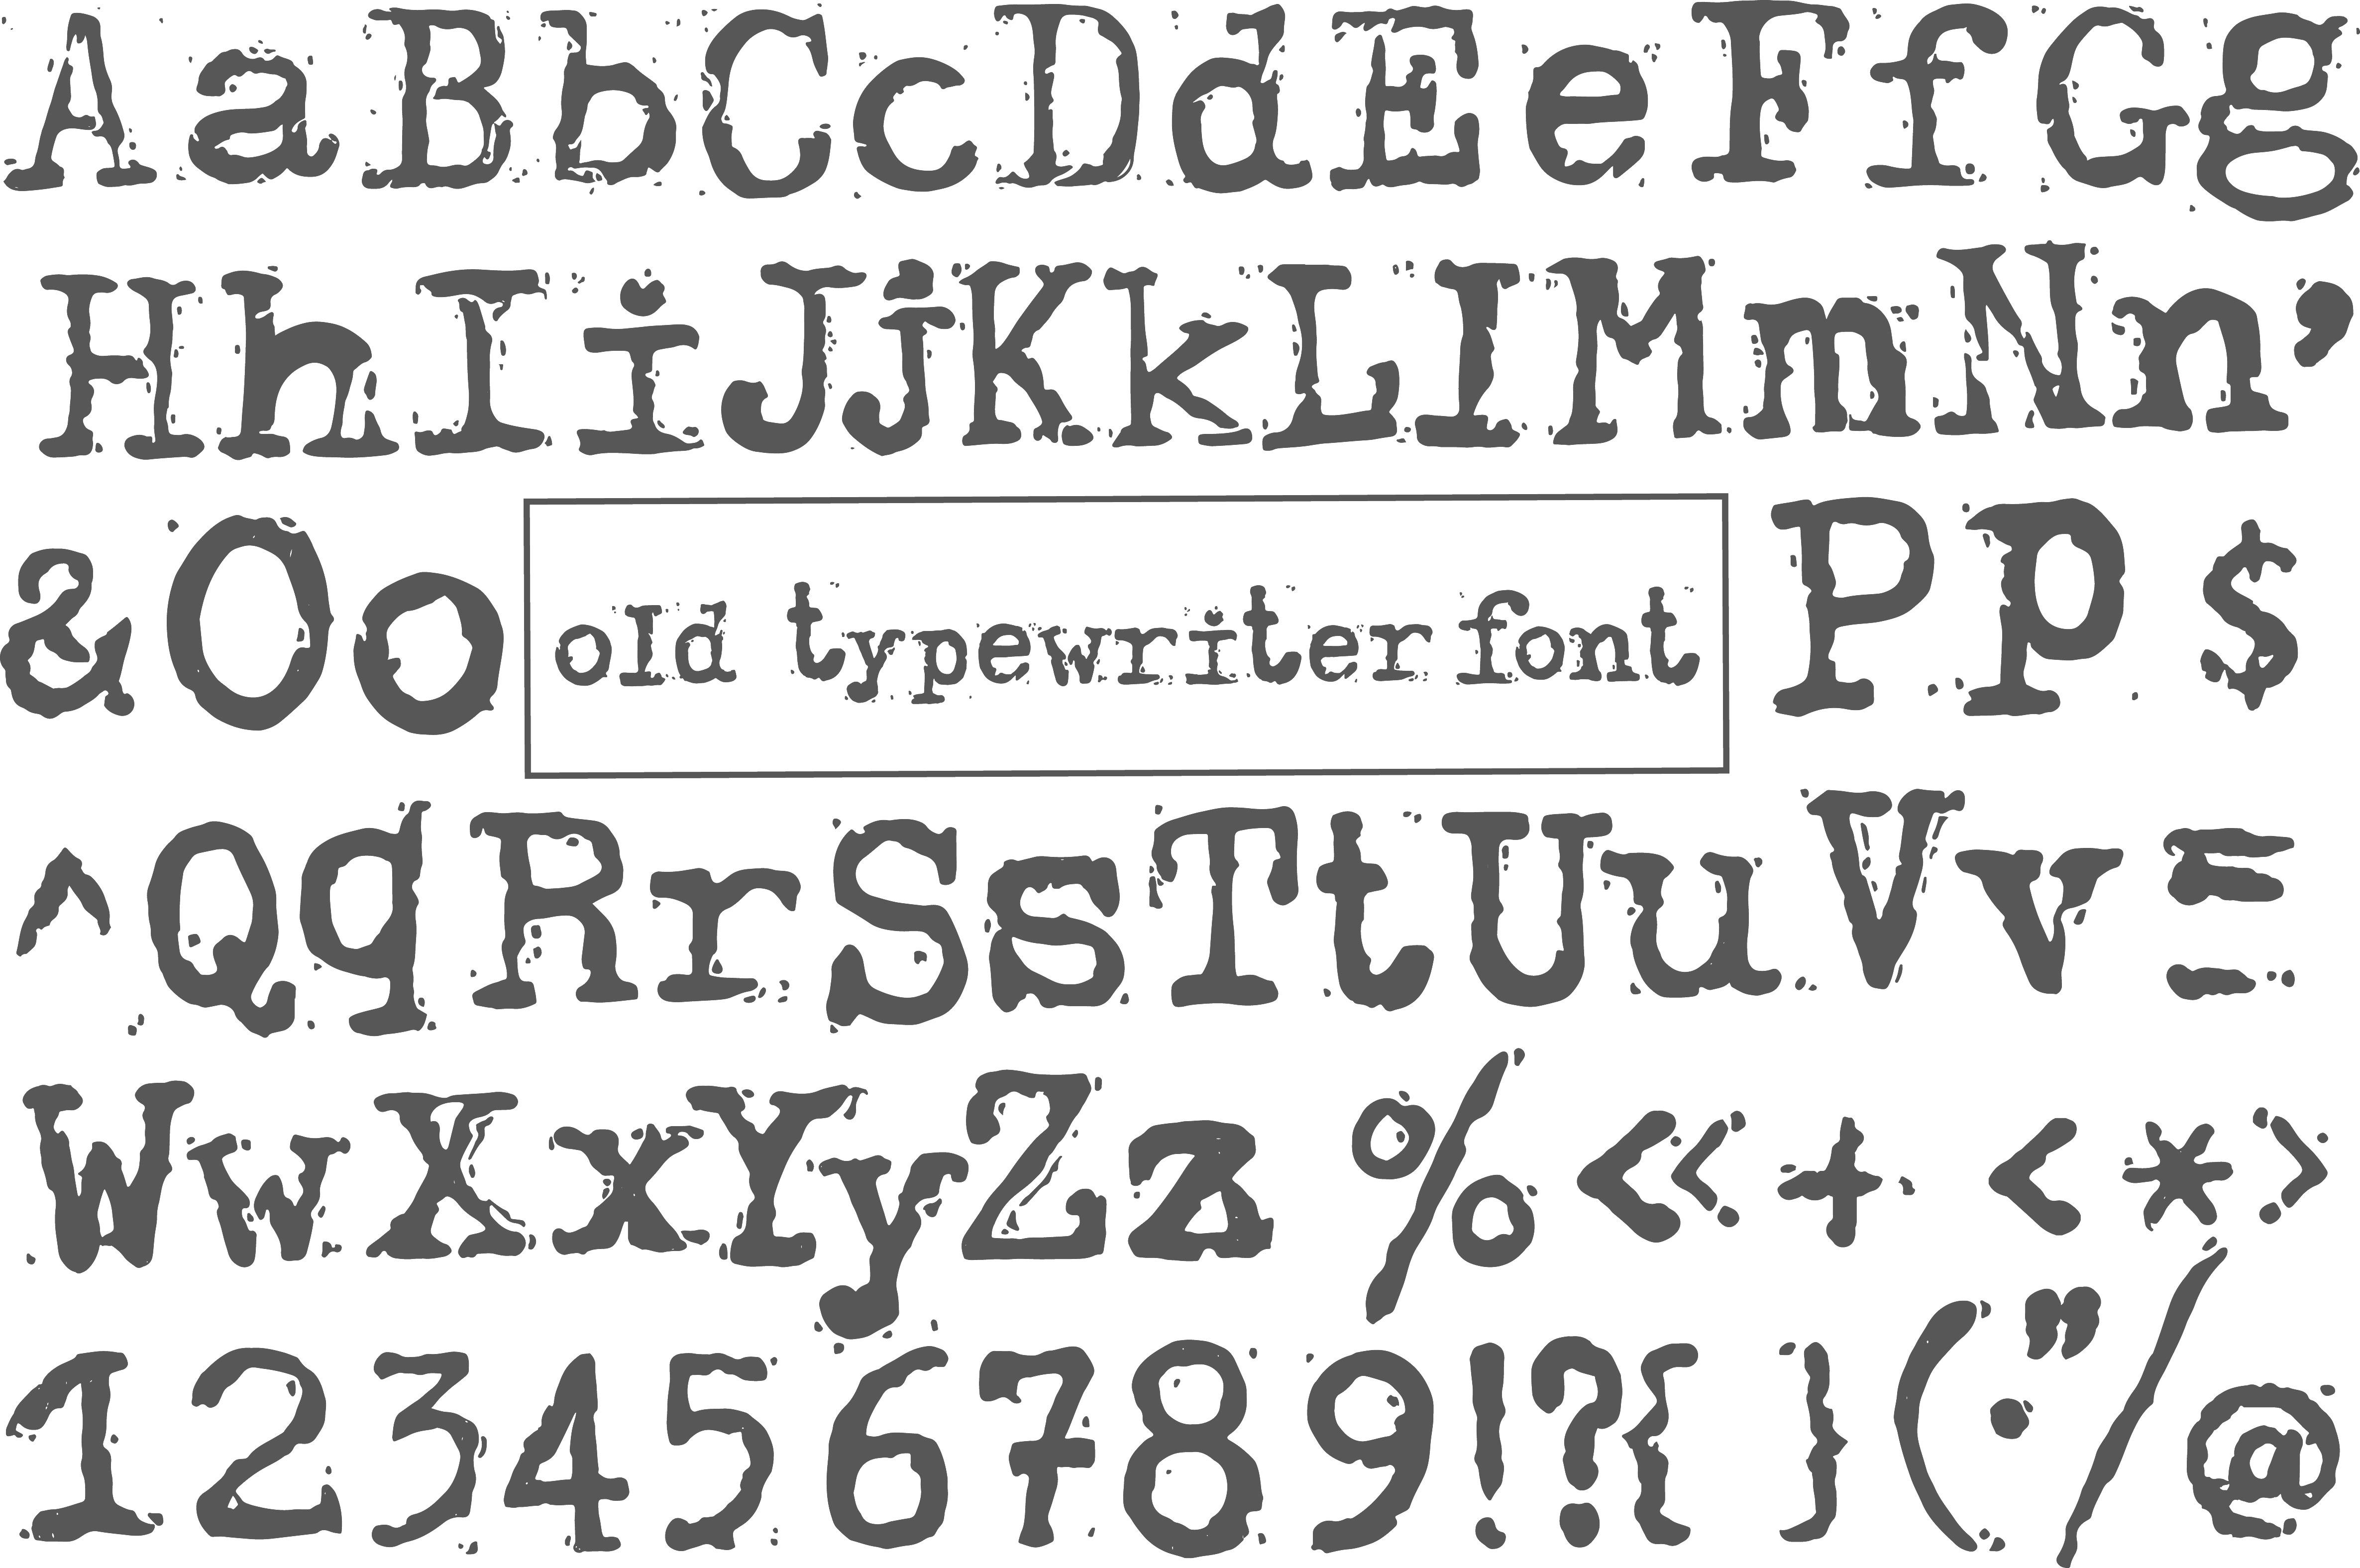 Old typewriter font – Älypuhelimen käyttö ulkomailla